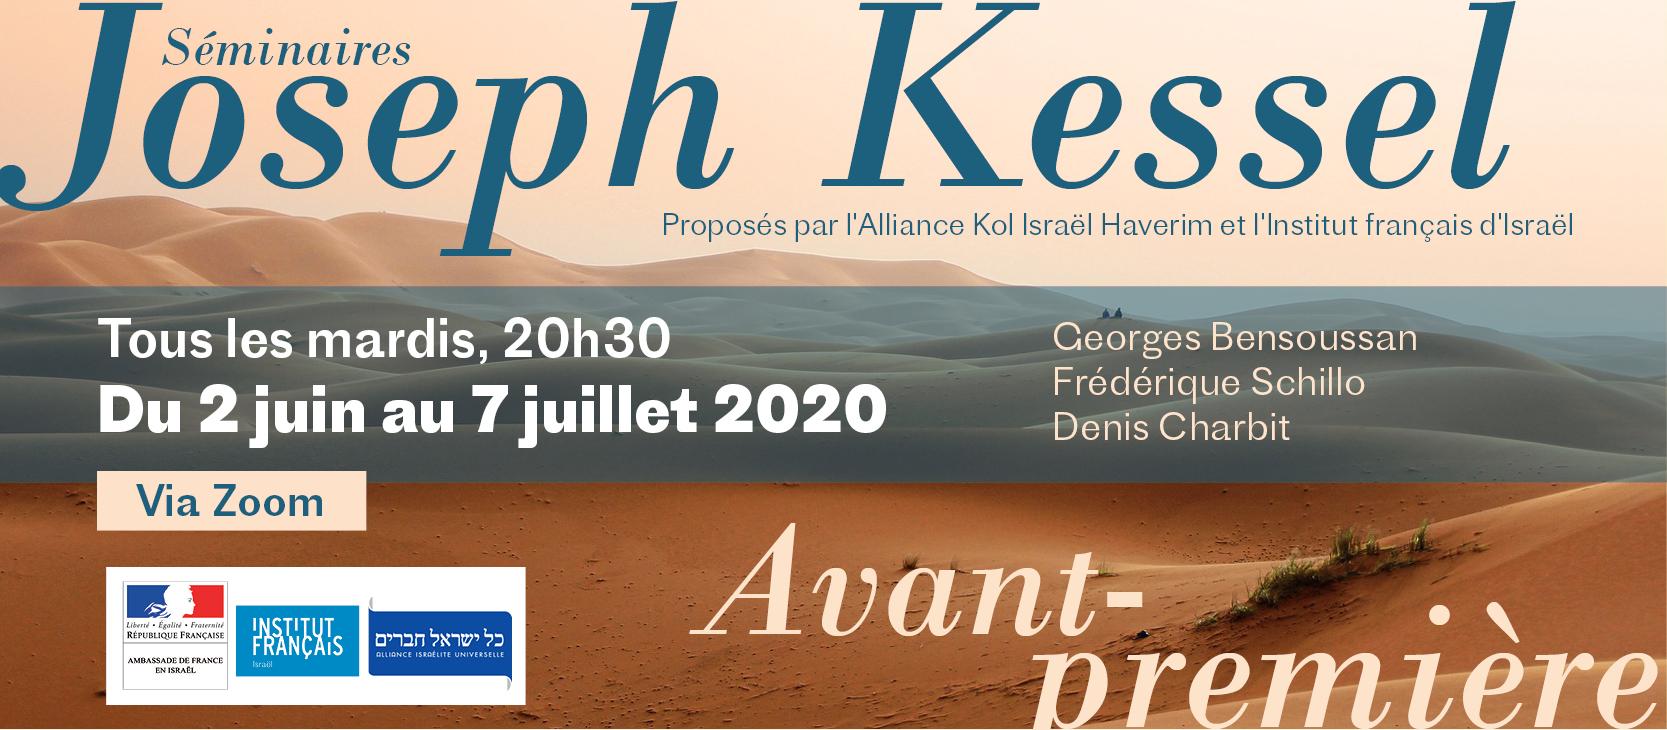 Visioconférence: Séminaires d'études Joseph Kessel, avec Frédérique Schillo